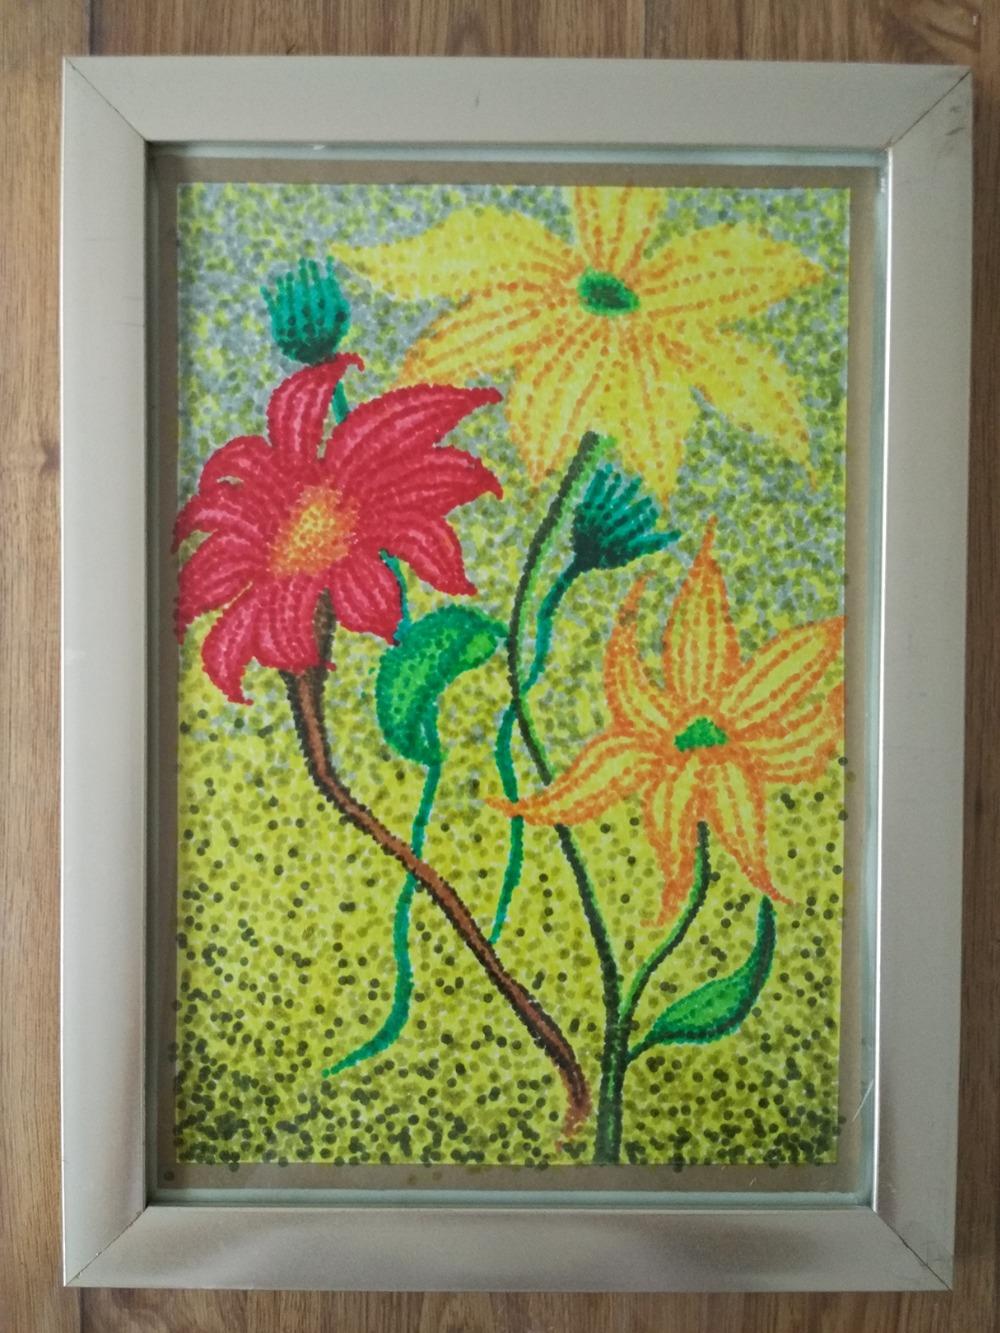 水彩笔点__幼儿园水粉水墨画绘画_幼儿园绘画——师乐